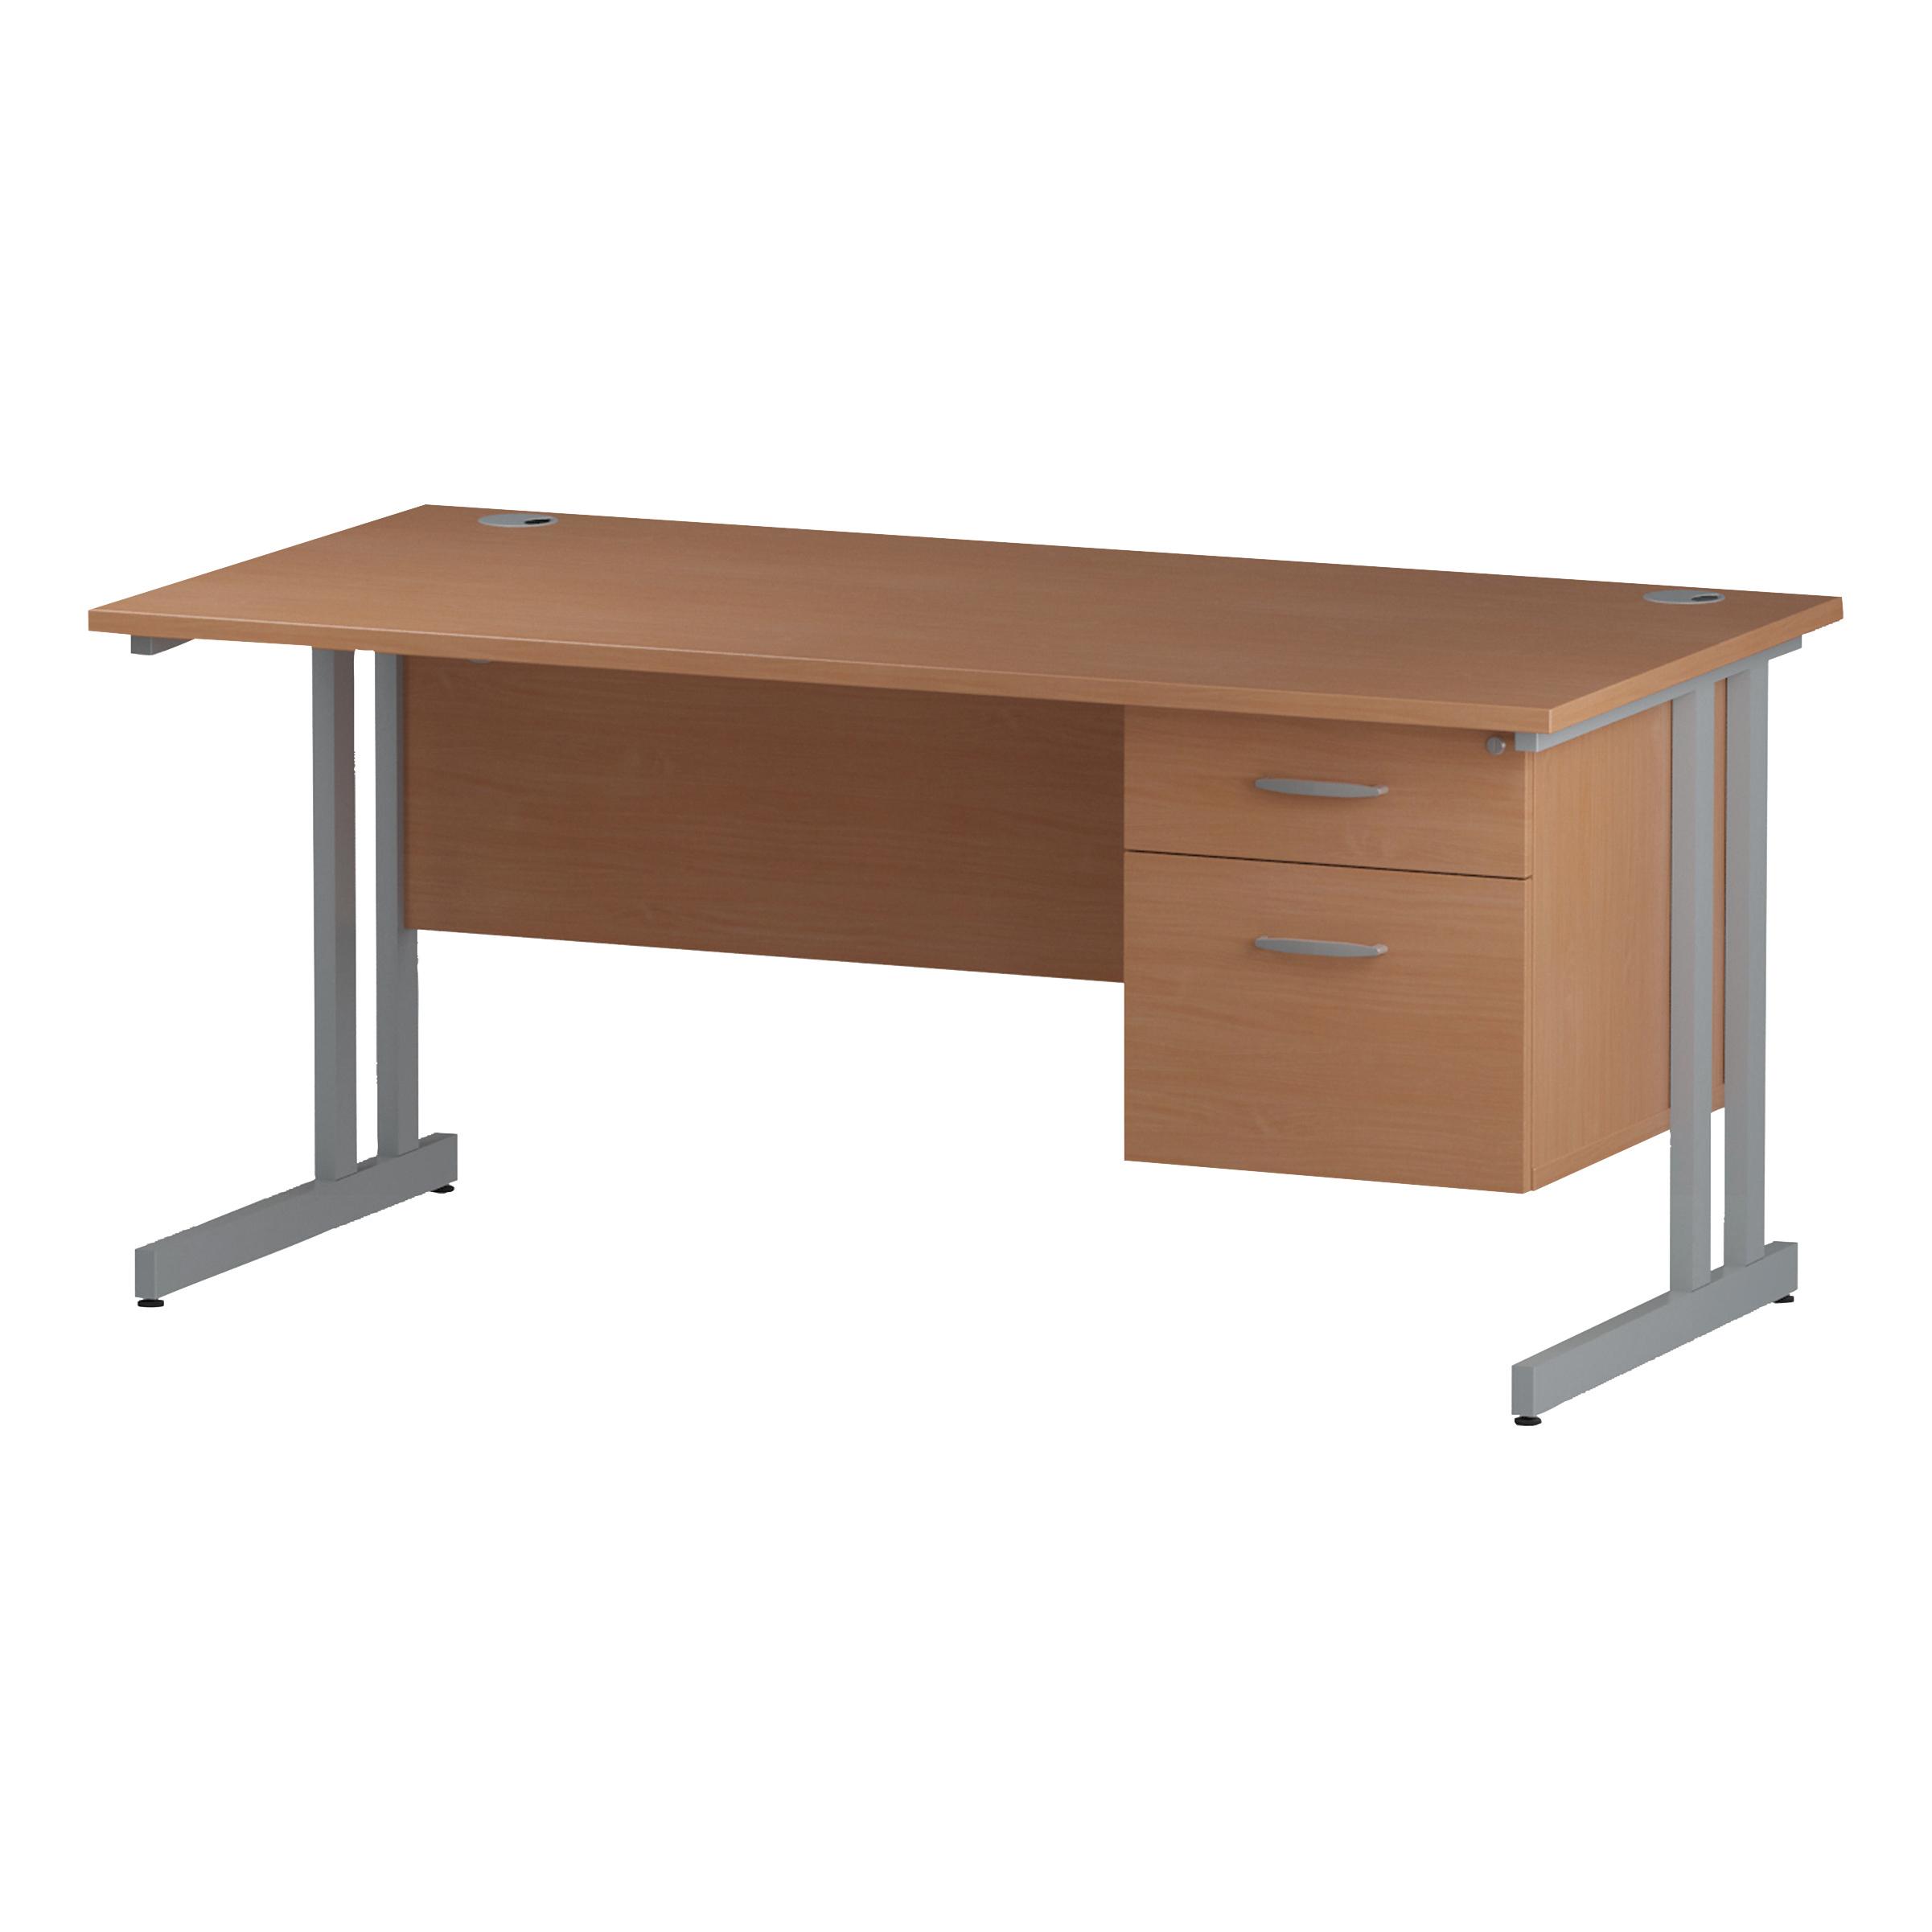 Trexus Rectangular Desk Silver Cantilever Leg 1600x800mm Fixed Pedestal 2 Drawers Beech Ref I001690